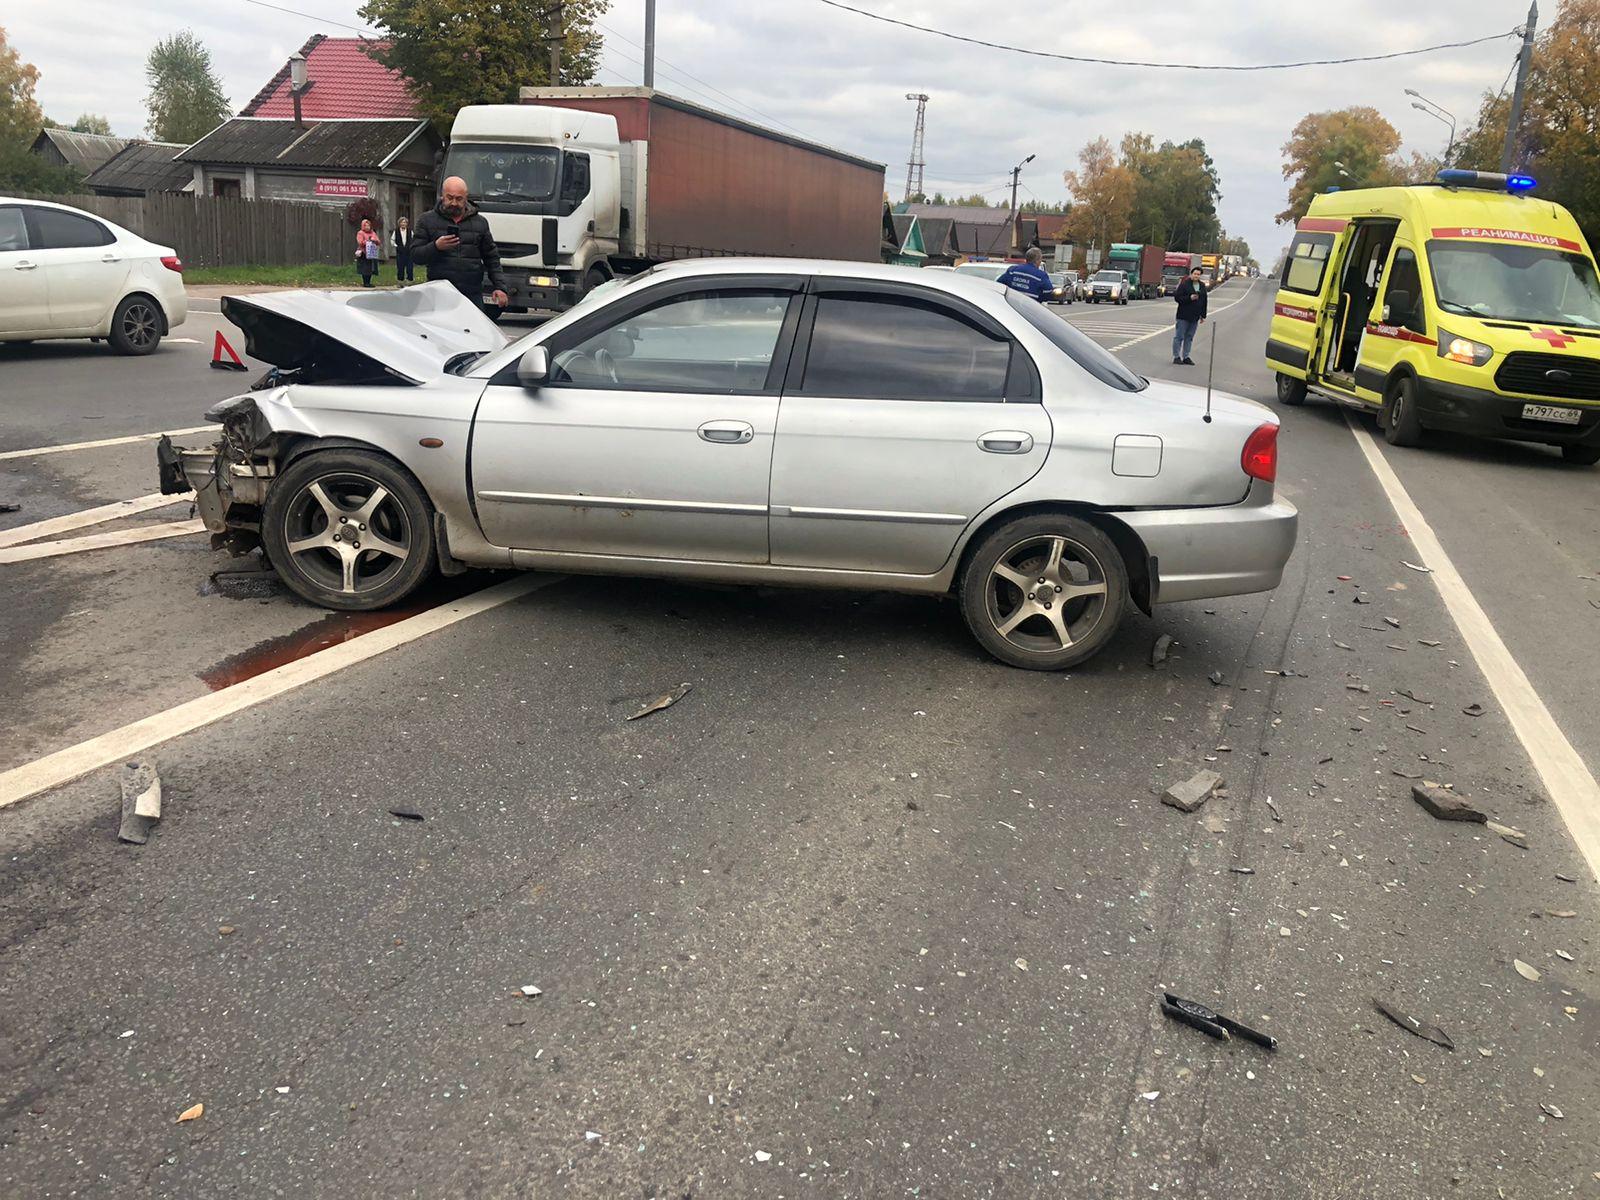 Пьяный водитель спровоцировал и сам пострадал в ДТП на трассе М10 в Тверской области - новости Афанасий